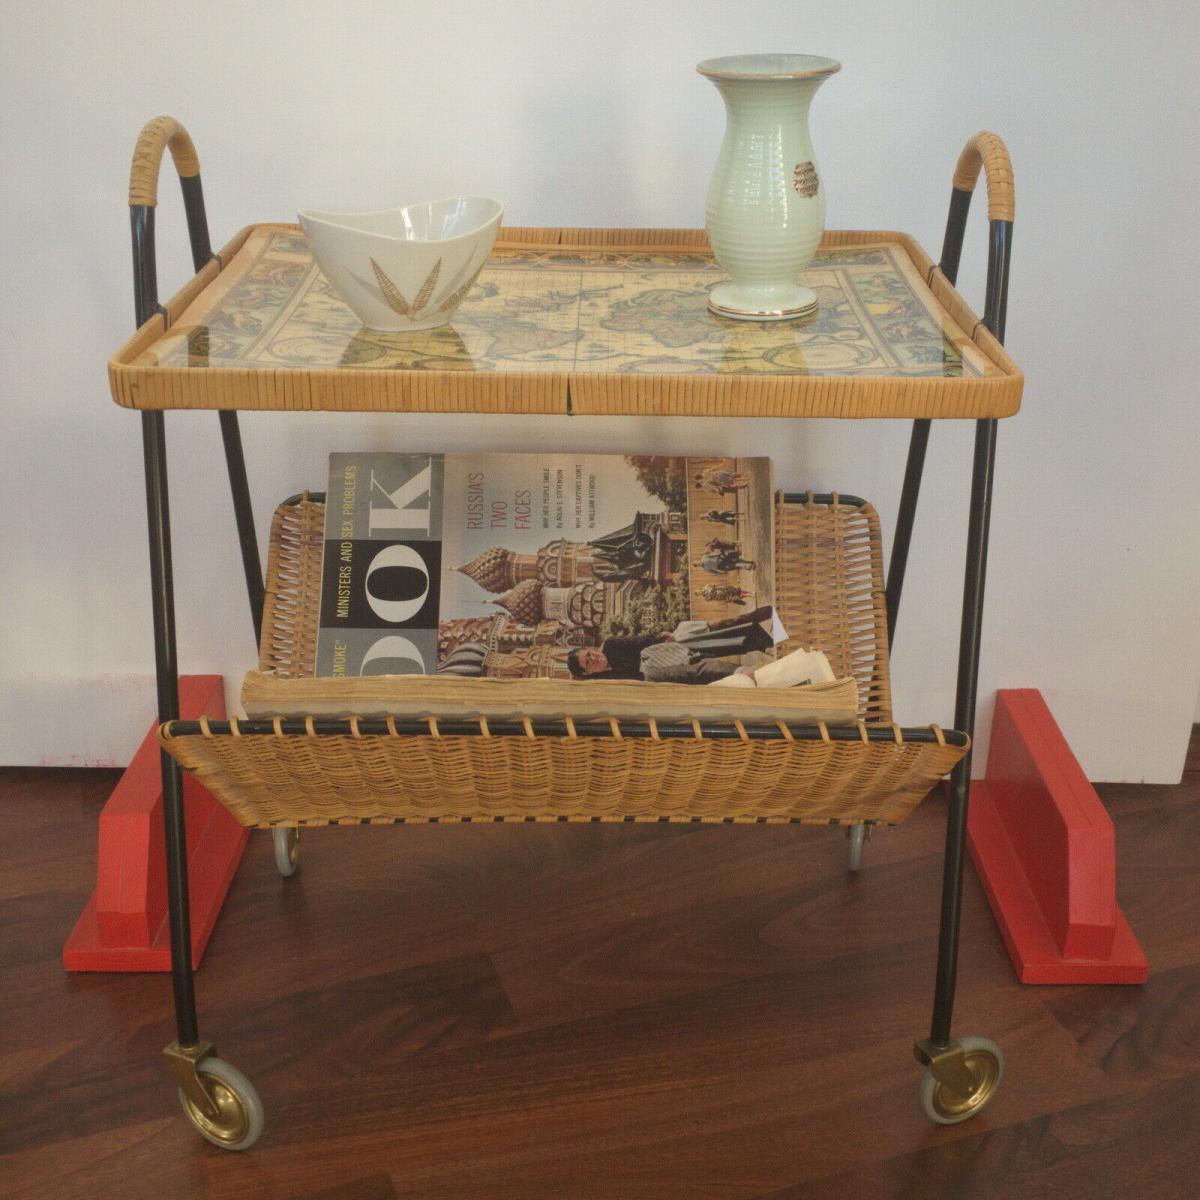 Vintage teewagen beistelltisch mit zeitungsständer string stil 60er jahre 0